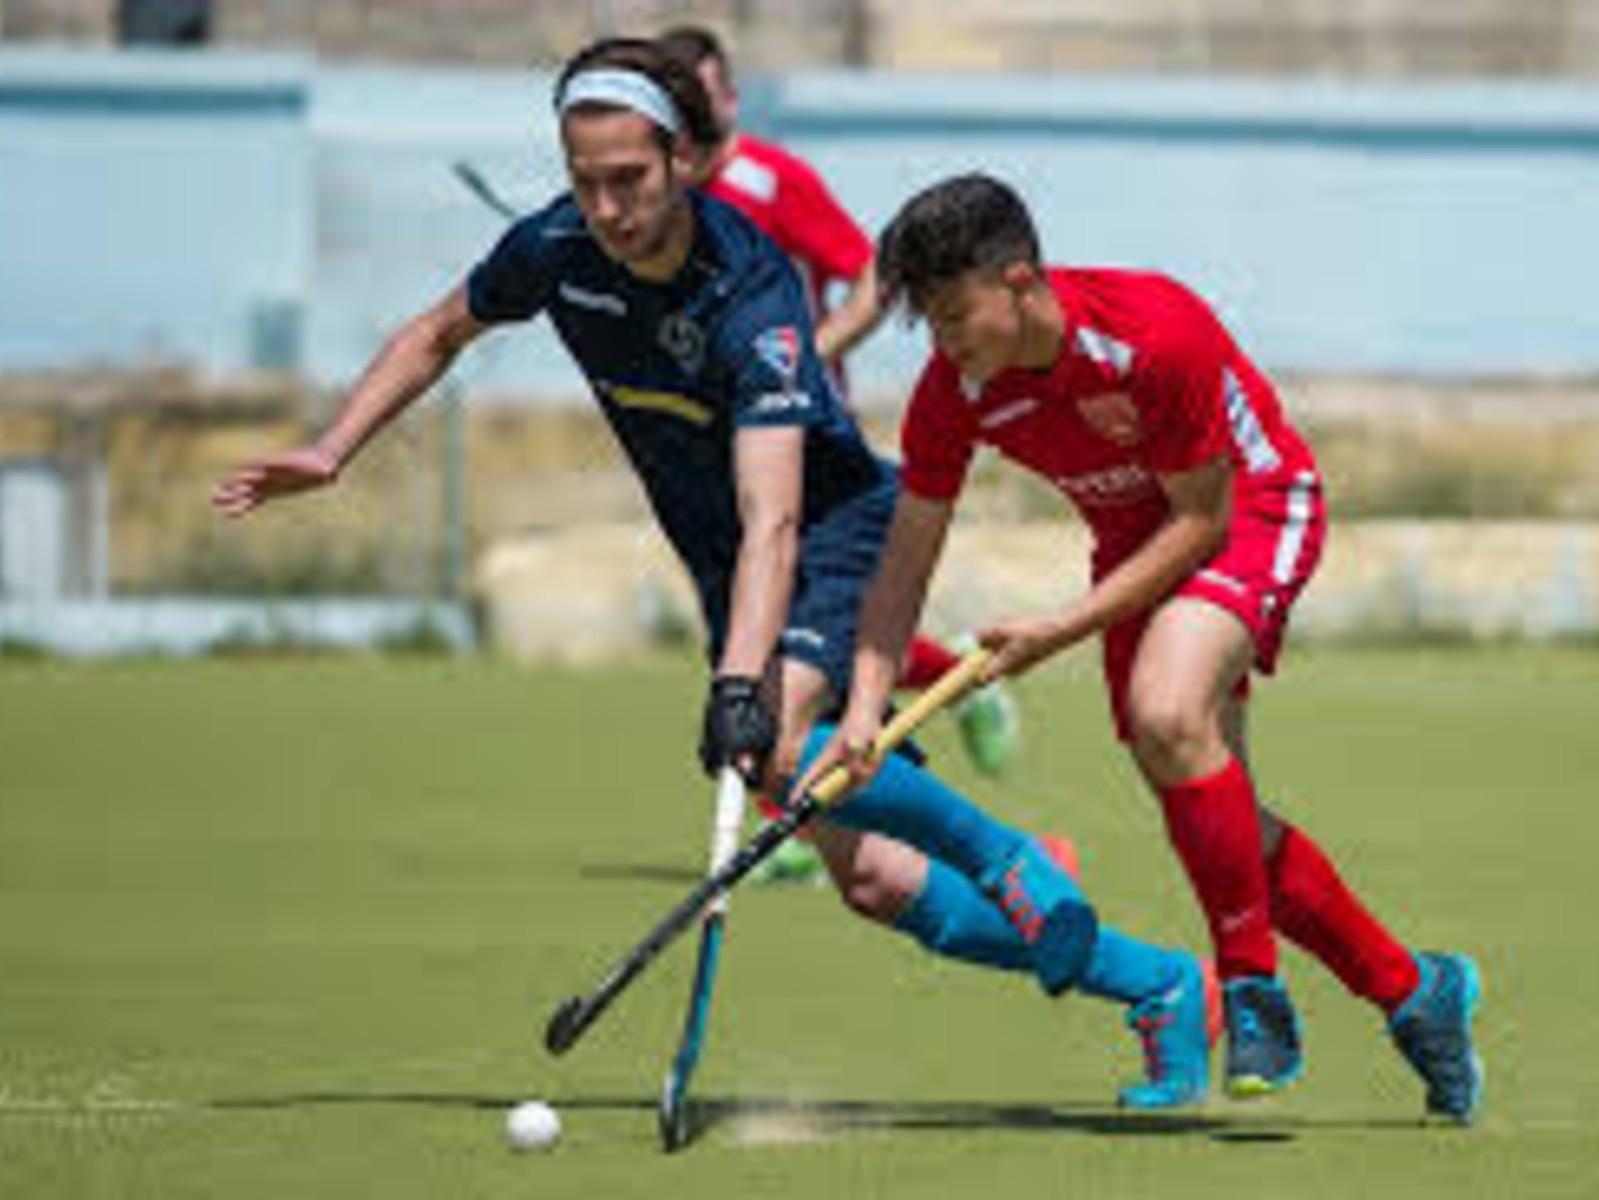 Malta Hockey camp